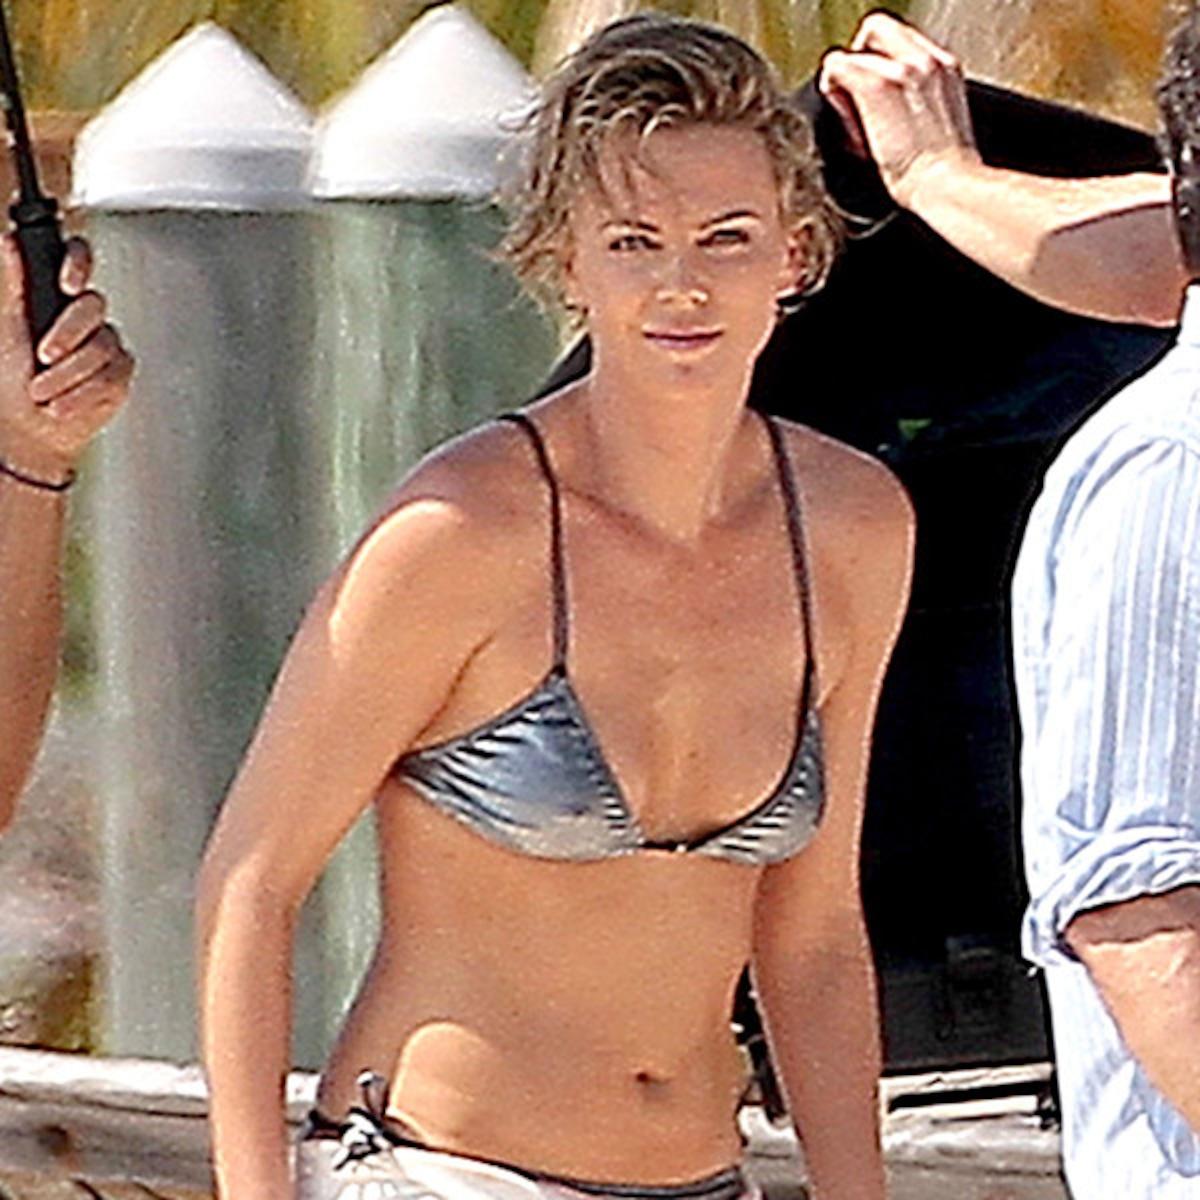 Theron bikini charlize 45 Hot